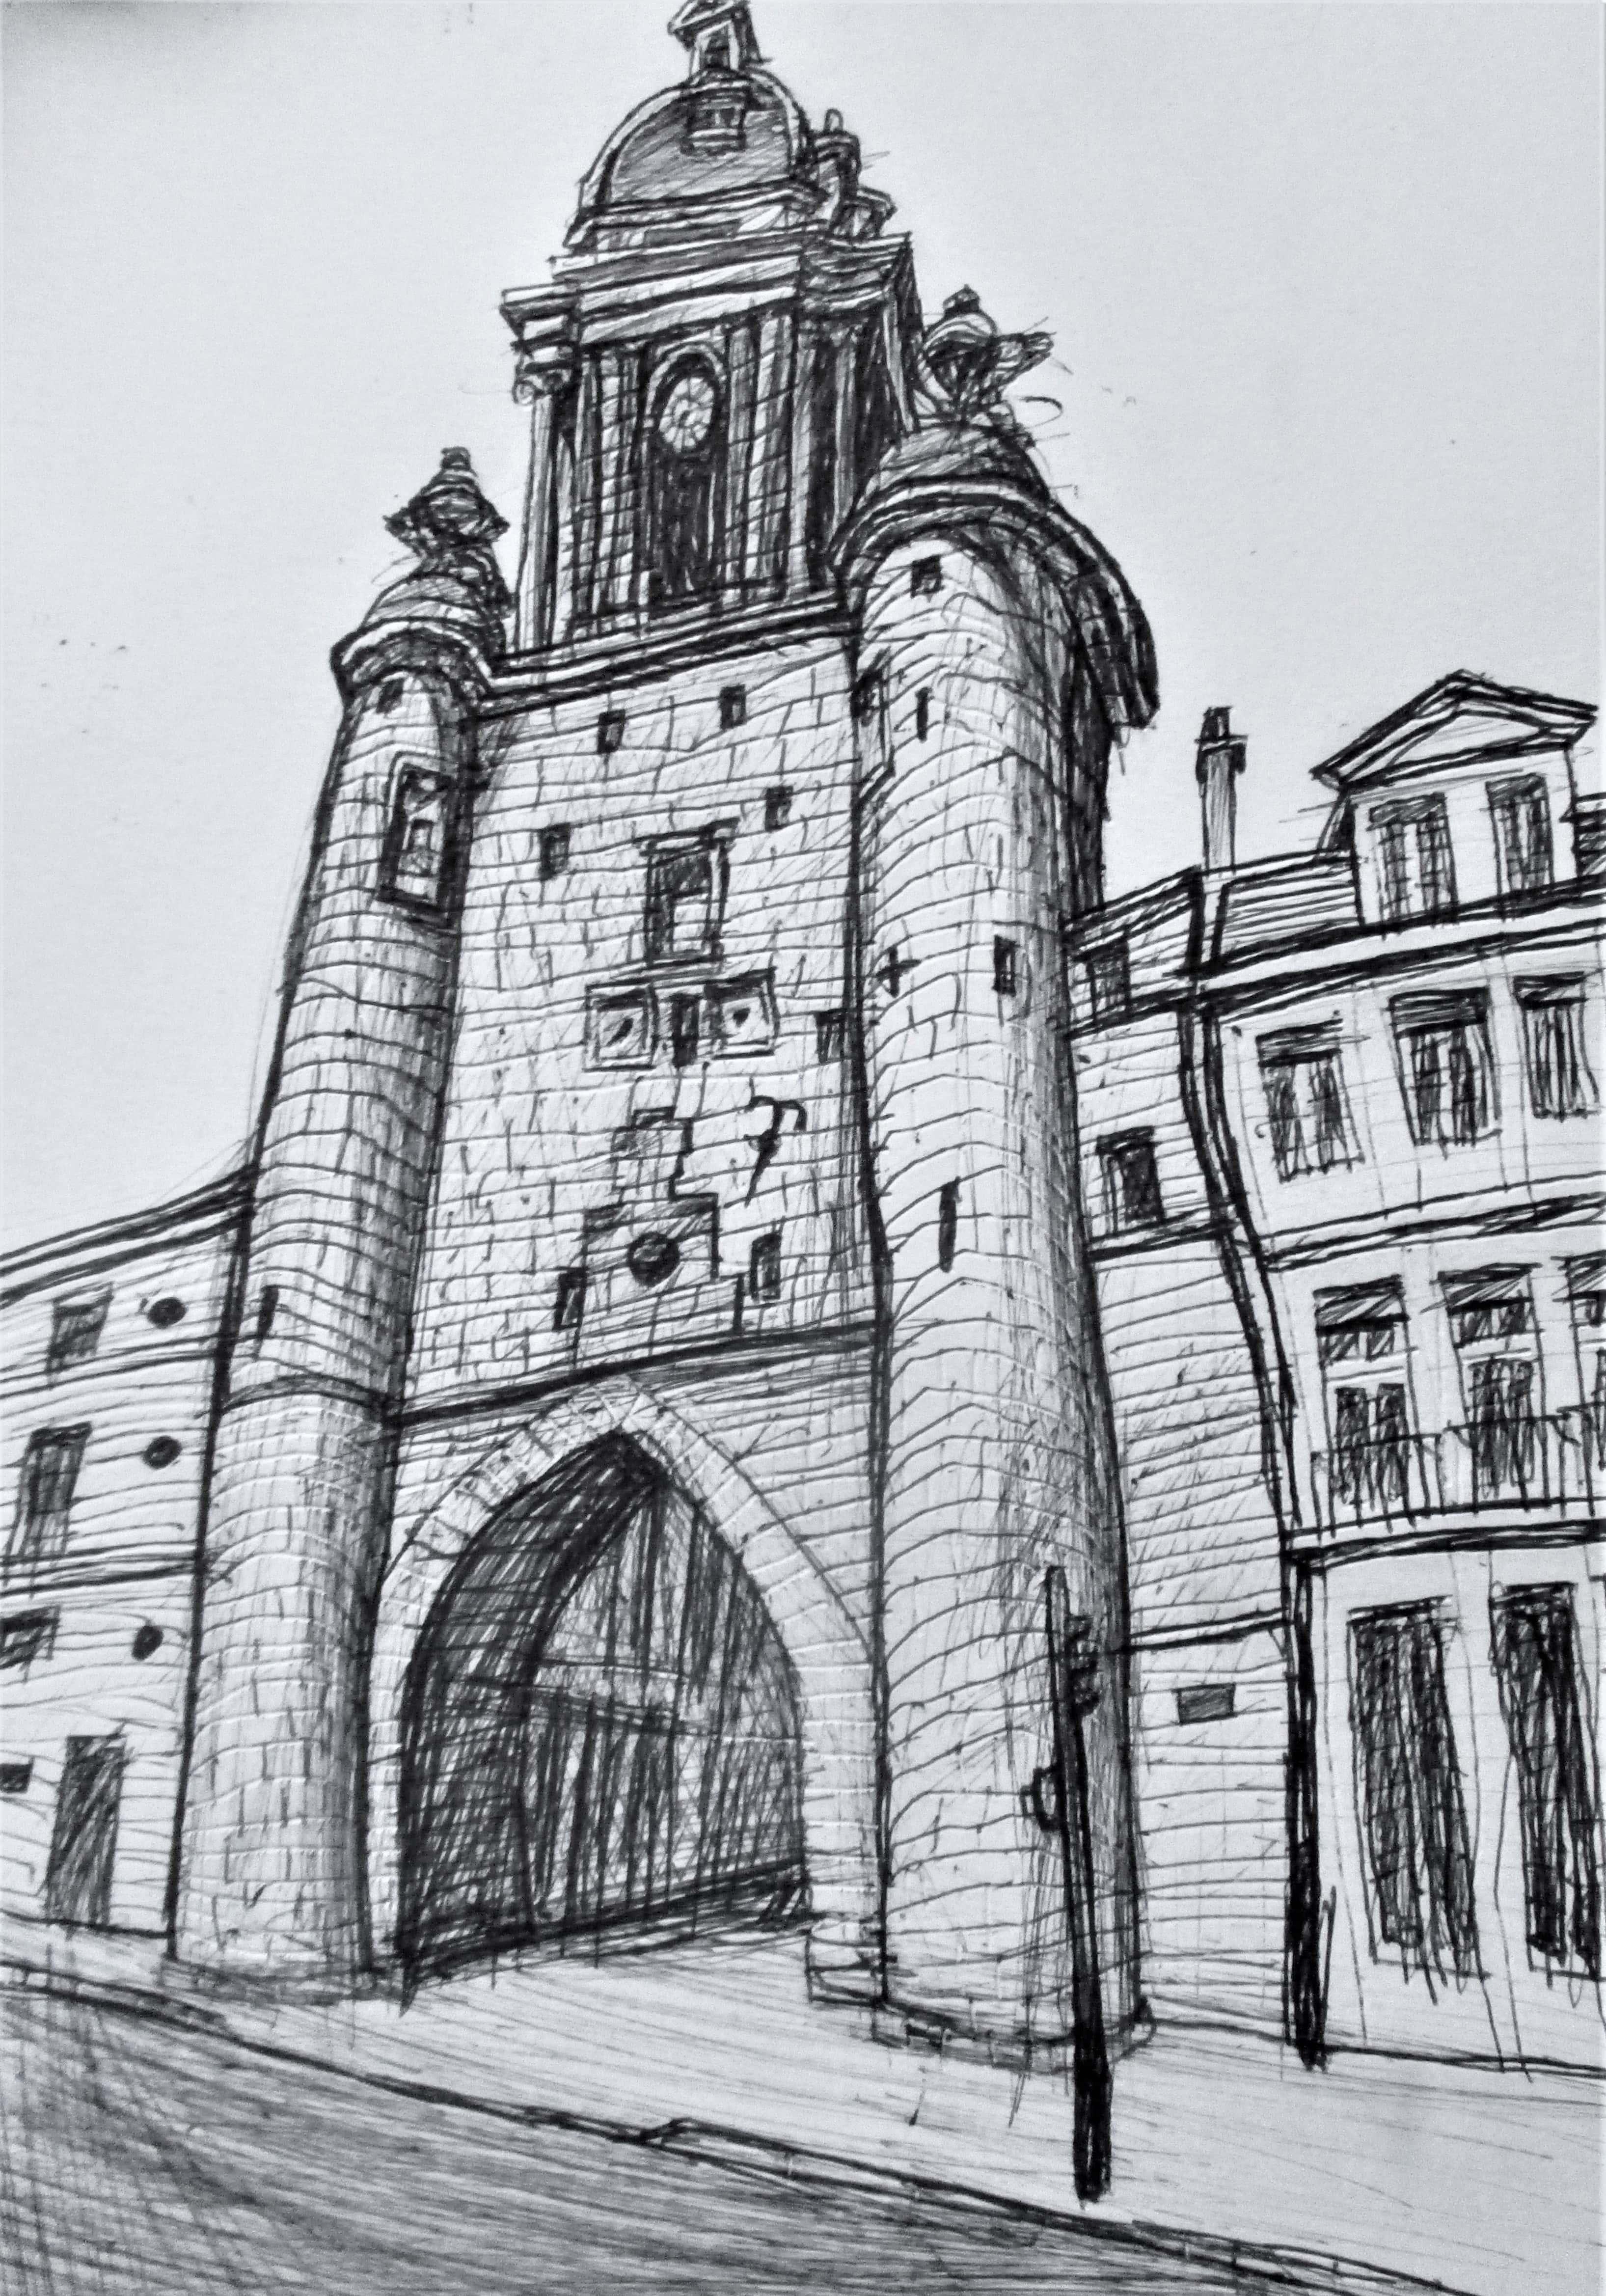 La Rochelle. Grosse Horloge. (Torre o puerta del reloj). Tinta sobre papel de 370g/m2. 30 x 21 cm. 2017.